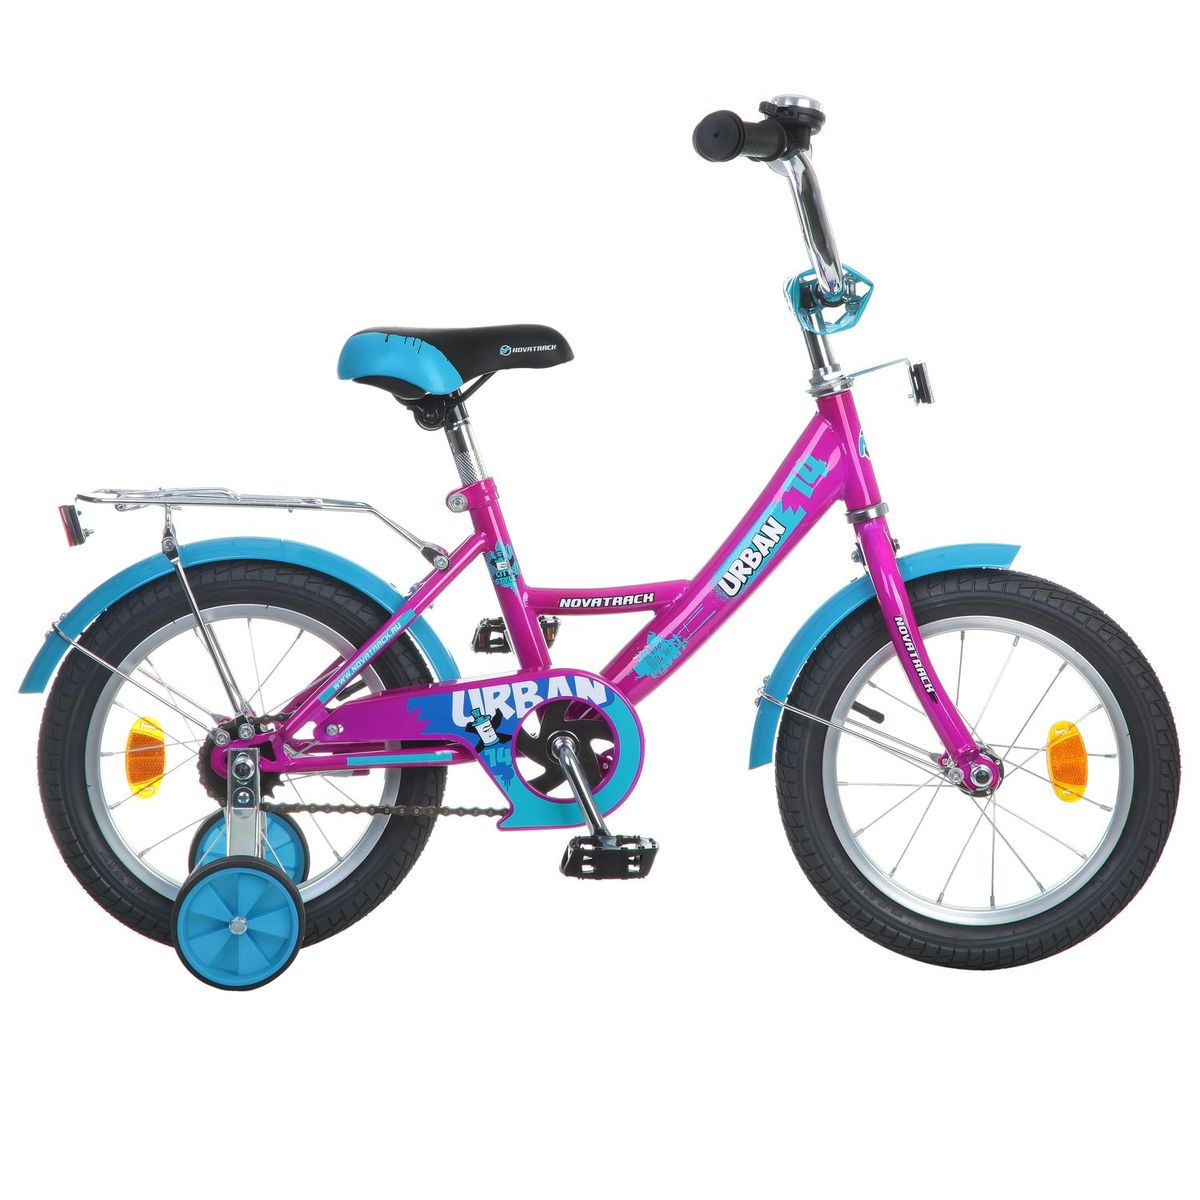 Велосипед детский Novatrack Urban, цвет: фуксия, голубой, 14143URBAN.CH6Novatrack Urban c 14-дюймовыми колесами - это надежный велосипед для ребят 3-5 лет. Высокое качество сборки гарантирует, что велосипед прослужит долго, даже если ваш ребенок будет гонять на нем ежедневно по несколько часов подряд. Велосипед оснащен защитой цепи, которая не позволит ногам и одежде попасть в механизм. Еще одно средство, способствующее безопасному вождению велосипеда в любых дорожных условиях - ограничитель поворота руля. который не позволит маленькому велосипедисту слишком сильно повернуть руль и таким образом создать себе все условия для неминуемого падения. Да и учиться ездить с таким приспособлением гораздо удобнее, ведь руль не крутится вокруг своей оси, а значит, и двигаться велосипед будет аккуратно и всегда именно туда, куда нужно. Он оборудован багажником - обязательным атрибутом любого детского велосипеда, ведь как же еще перевозить свои игрушки и другие нужные мелочи во время прогулок Для безопасности установлено целых 4 светоотражателя: задний, передний и по одному на каждом из основных колес. Колеса закрыты крыльями, которые защитят маленького наездника от грязи и брызг. А ножной тормоз позволит быстро остановиться в случае необходимости.Какой велосипед выбрать? Статья OZON Гид